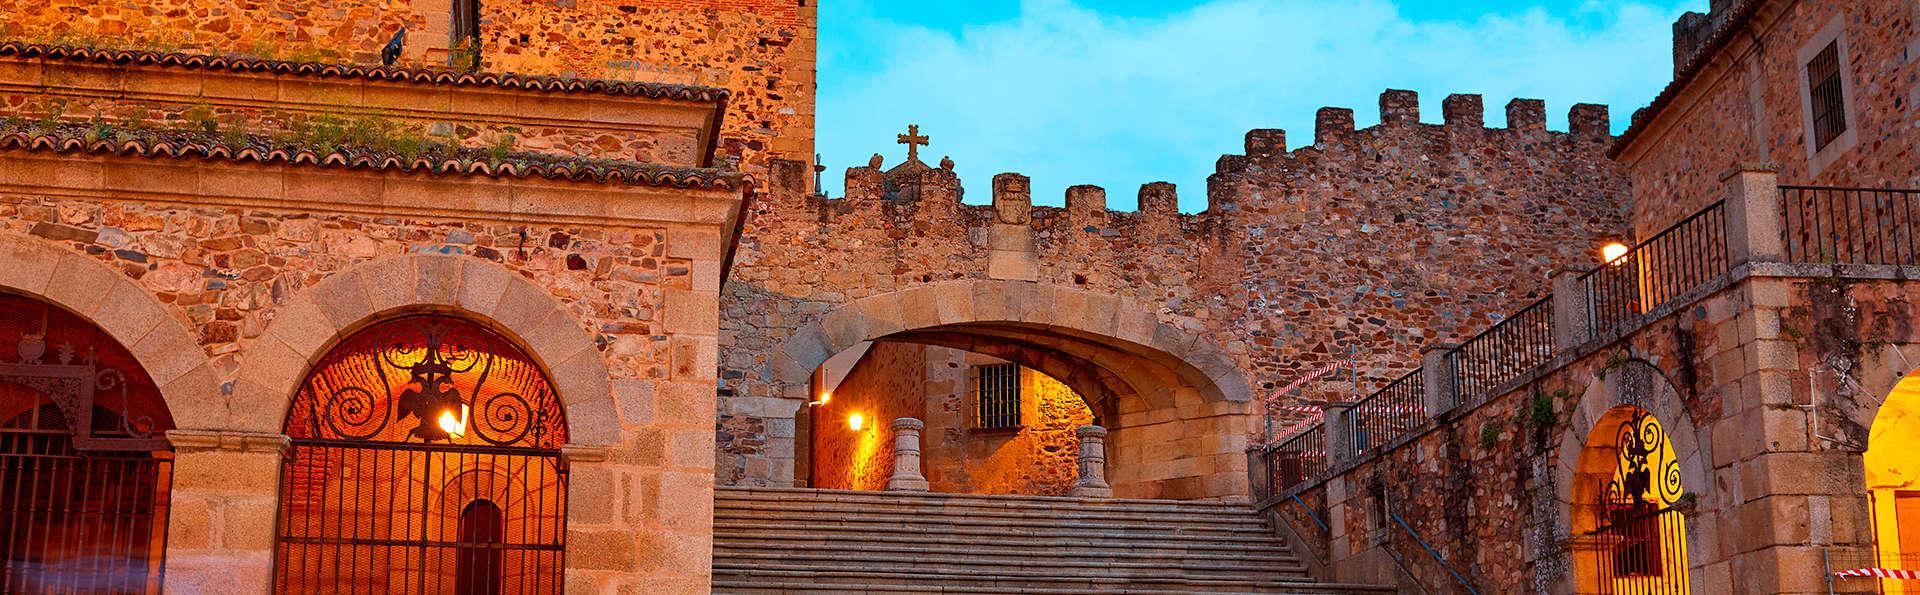 Descubre Cáceres, ciudad declarada Patrimonio de la Humanidad, con desayuno buffet incluido